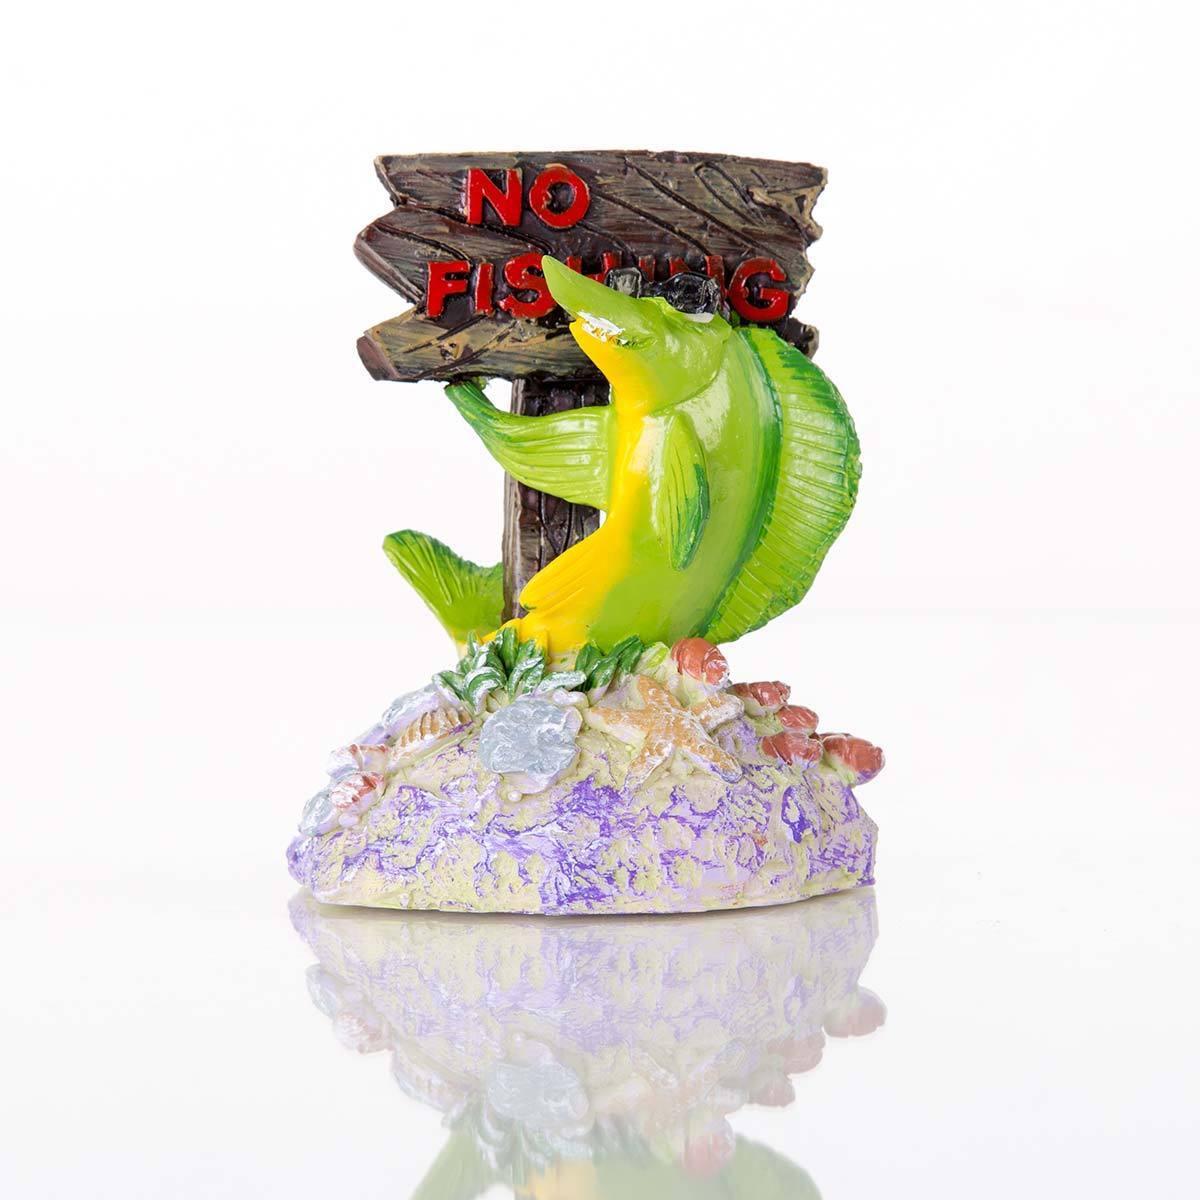 """Zune BioBubble Decorative No Fishing Sign (3"""" x 2.75"""" x 4"""")"""